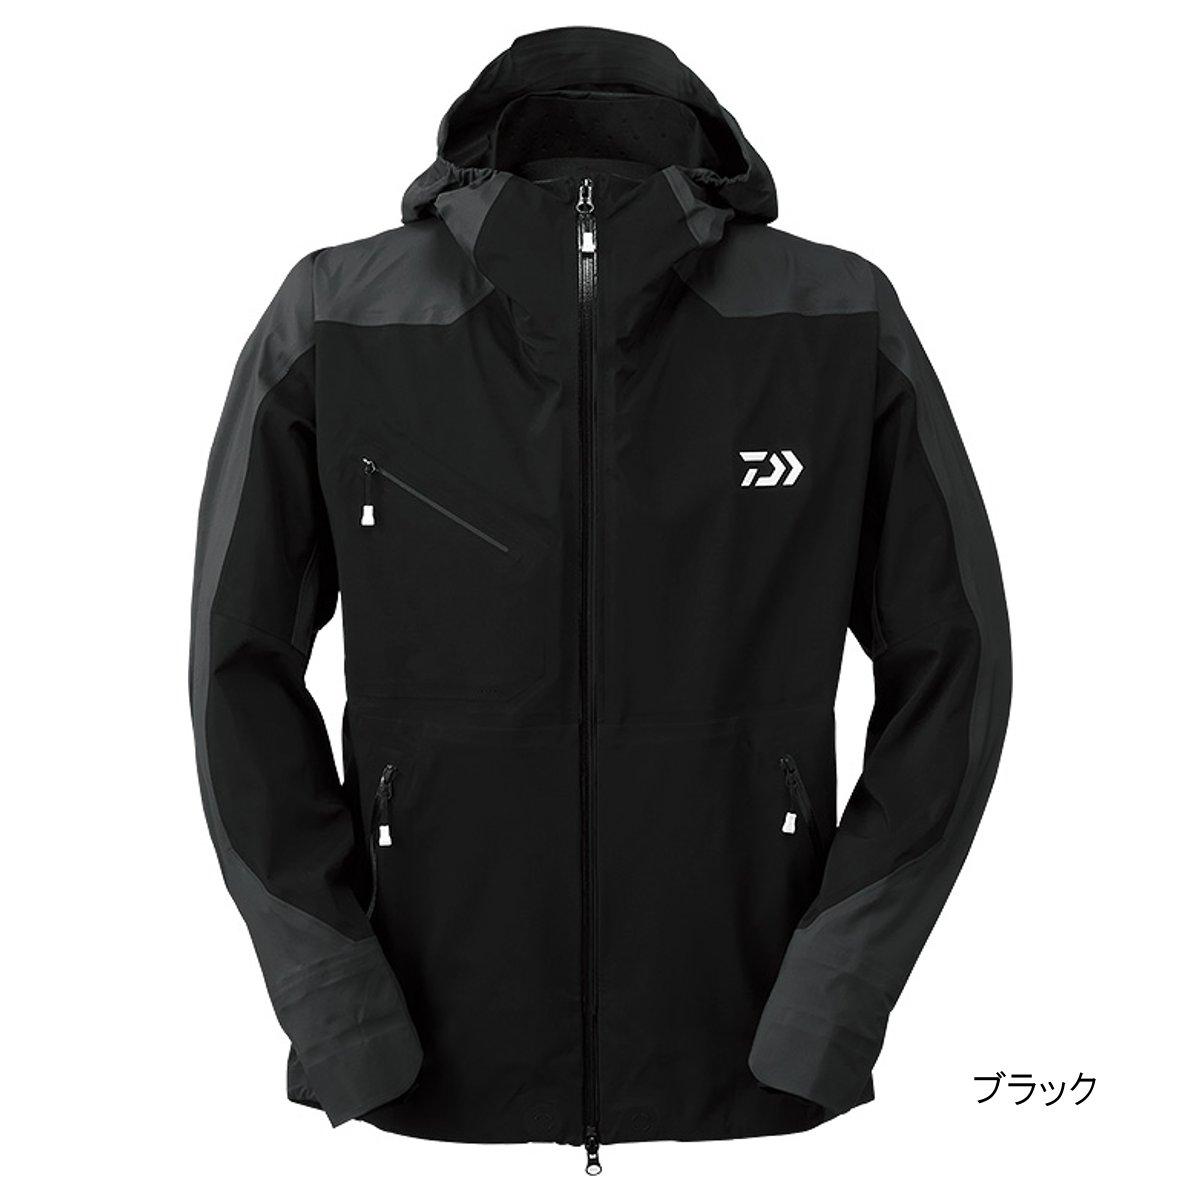 ダイワ ポーラテック ネオシェル ハイブリッドレインジャケット DR-20009J M ブラック【送料無料】